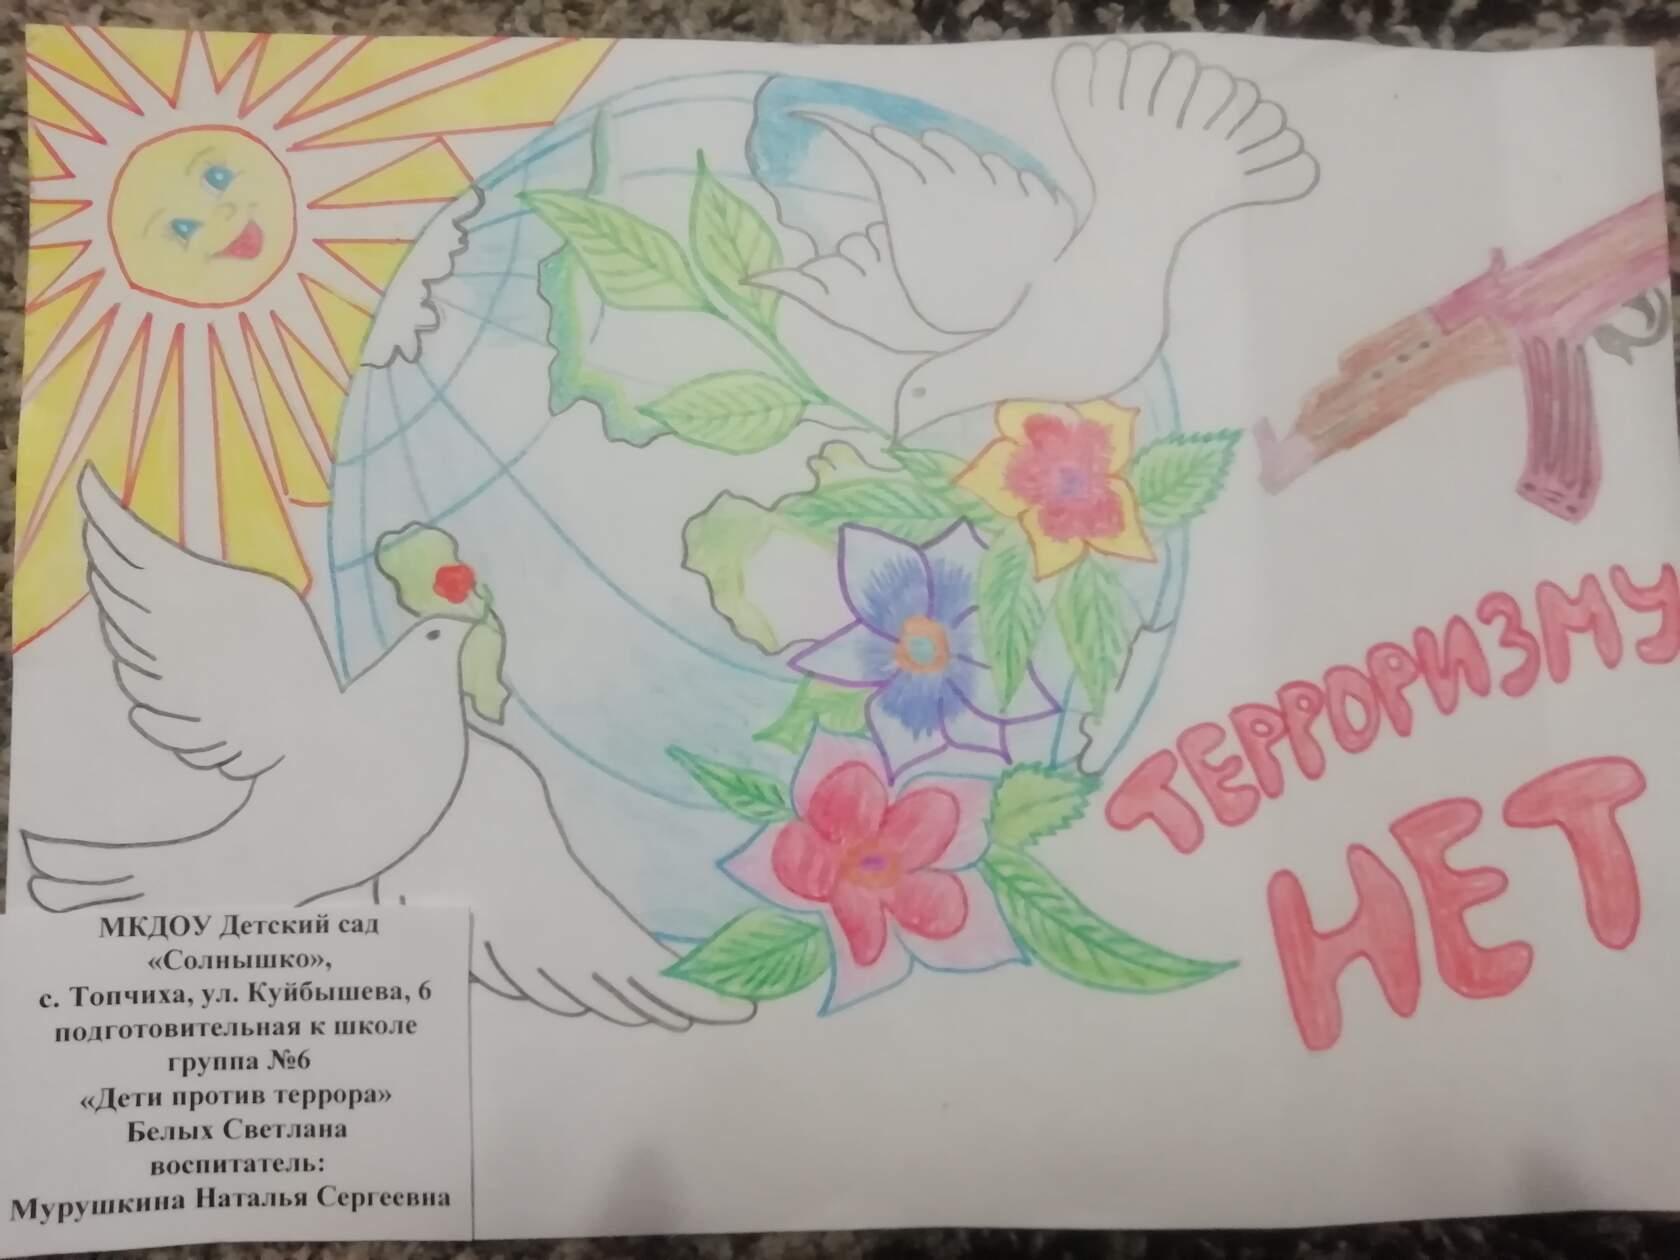 Конкурс детского рисунка «Дети против террора»